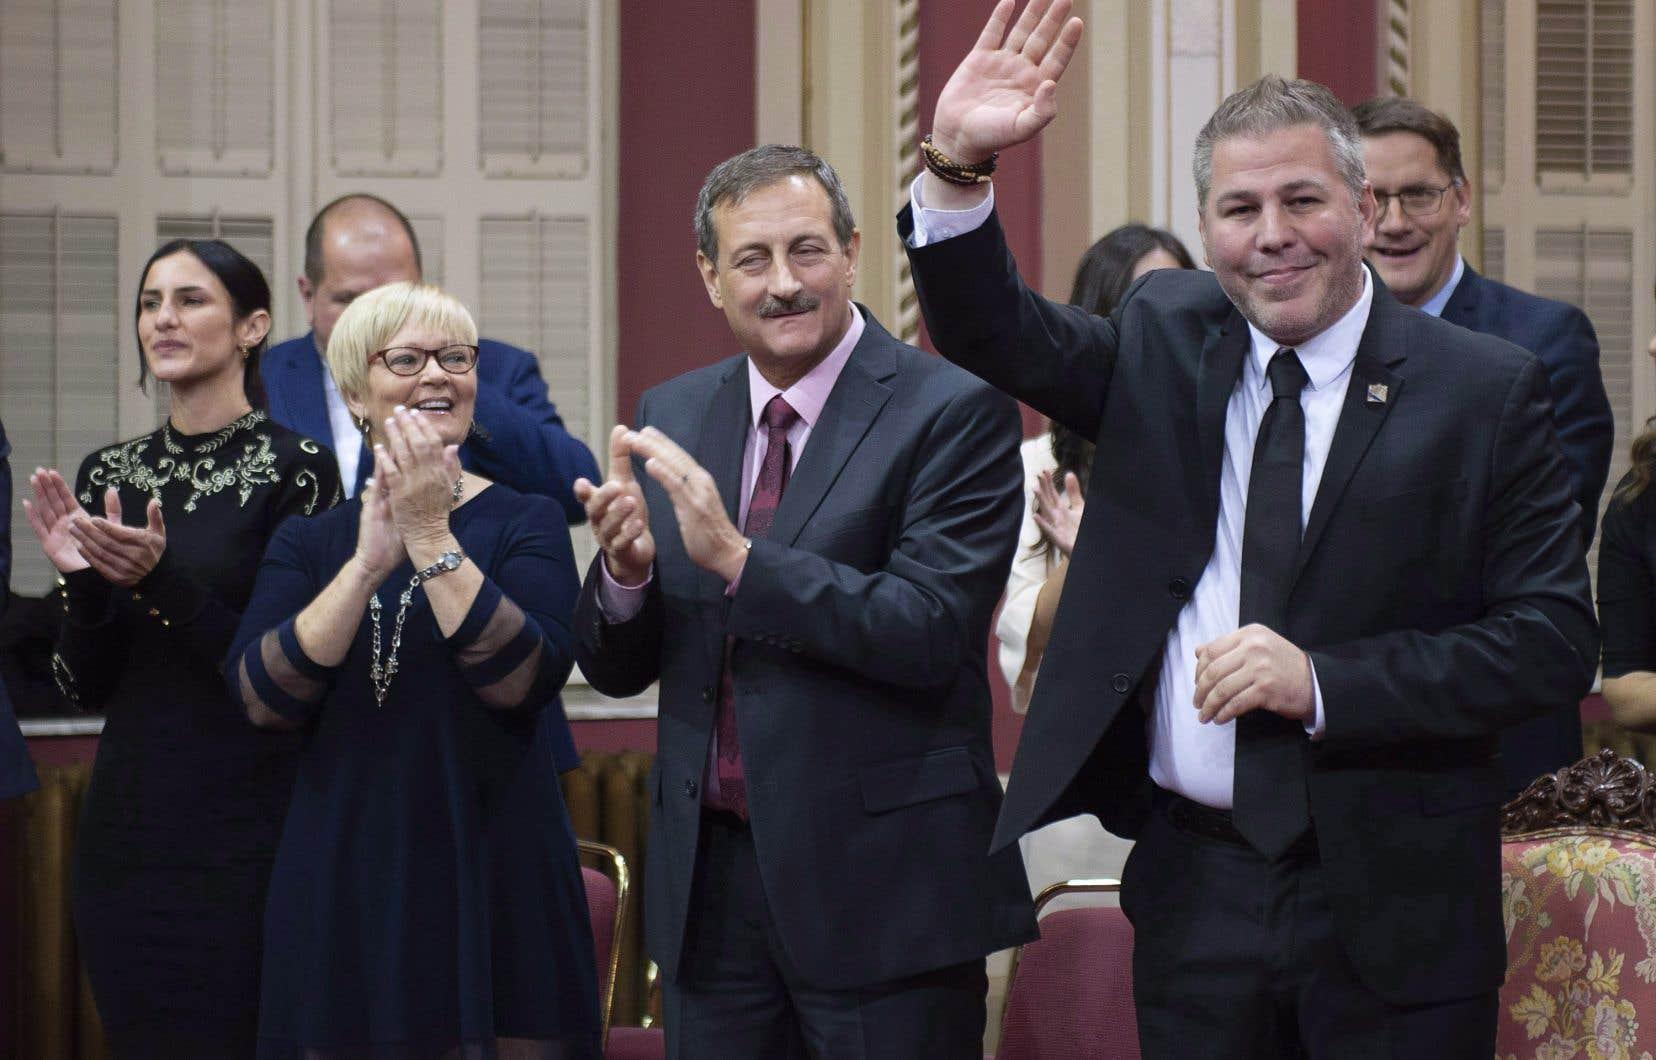 Lors des dernières élections, «le Parti québécois a renié sa nature propre et ce pour quoi il a été fondé en 1968, faire l'indépendance du Québec», estime l'auteur.